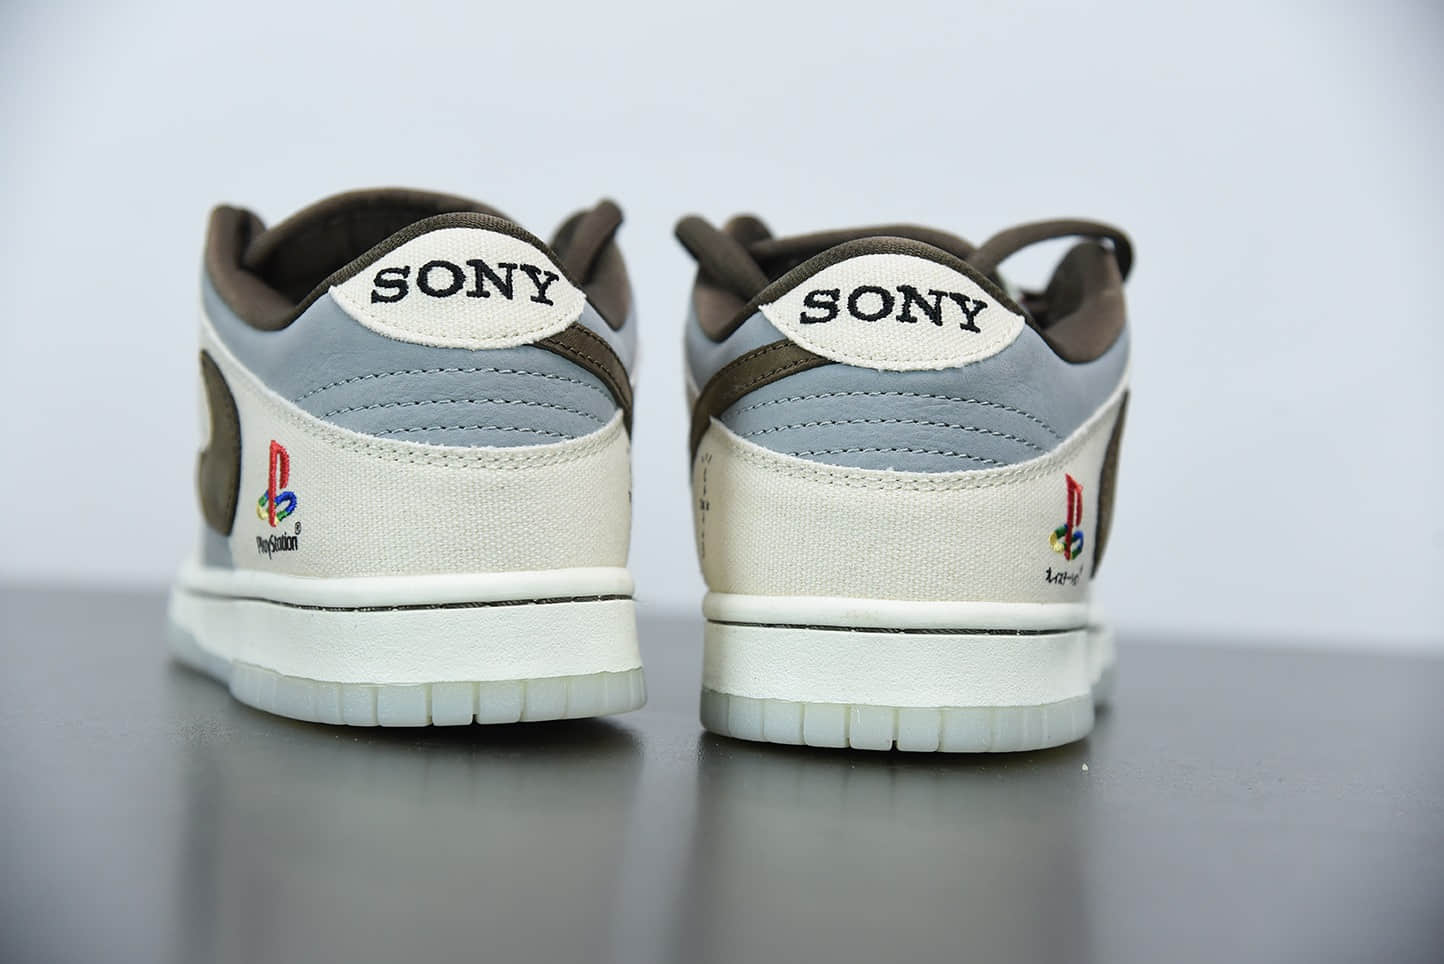 耐克Travis Scott x Playstation x SB Dunk Low 三方联名米白雾蓝低帮滑板鞋纯原版本 货号:CU1726-800